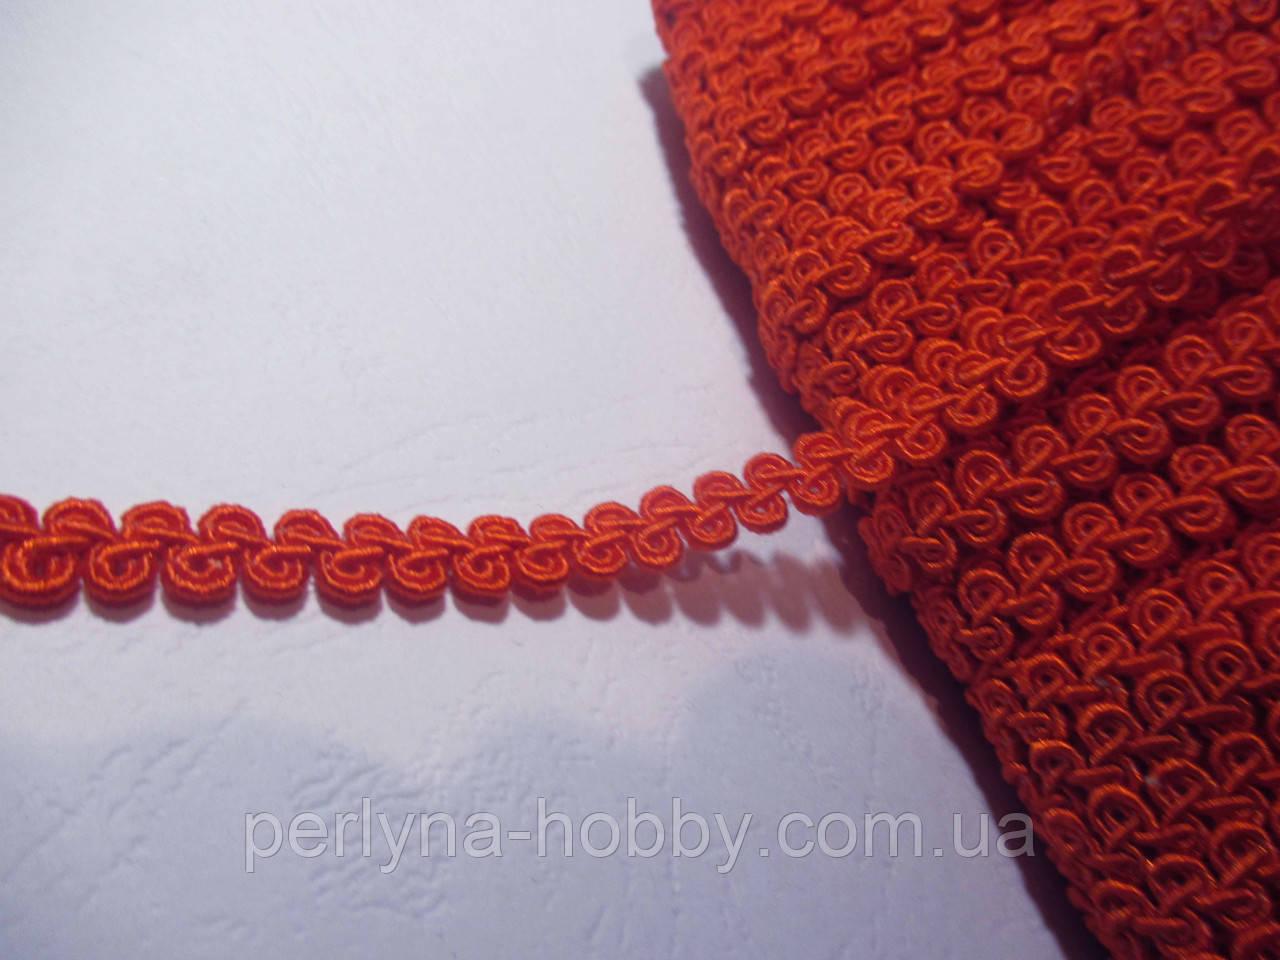 Тесьма декоративная Тасьма  декоративна шанель вузька 6мм, оранжевий